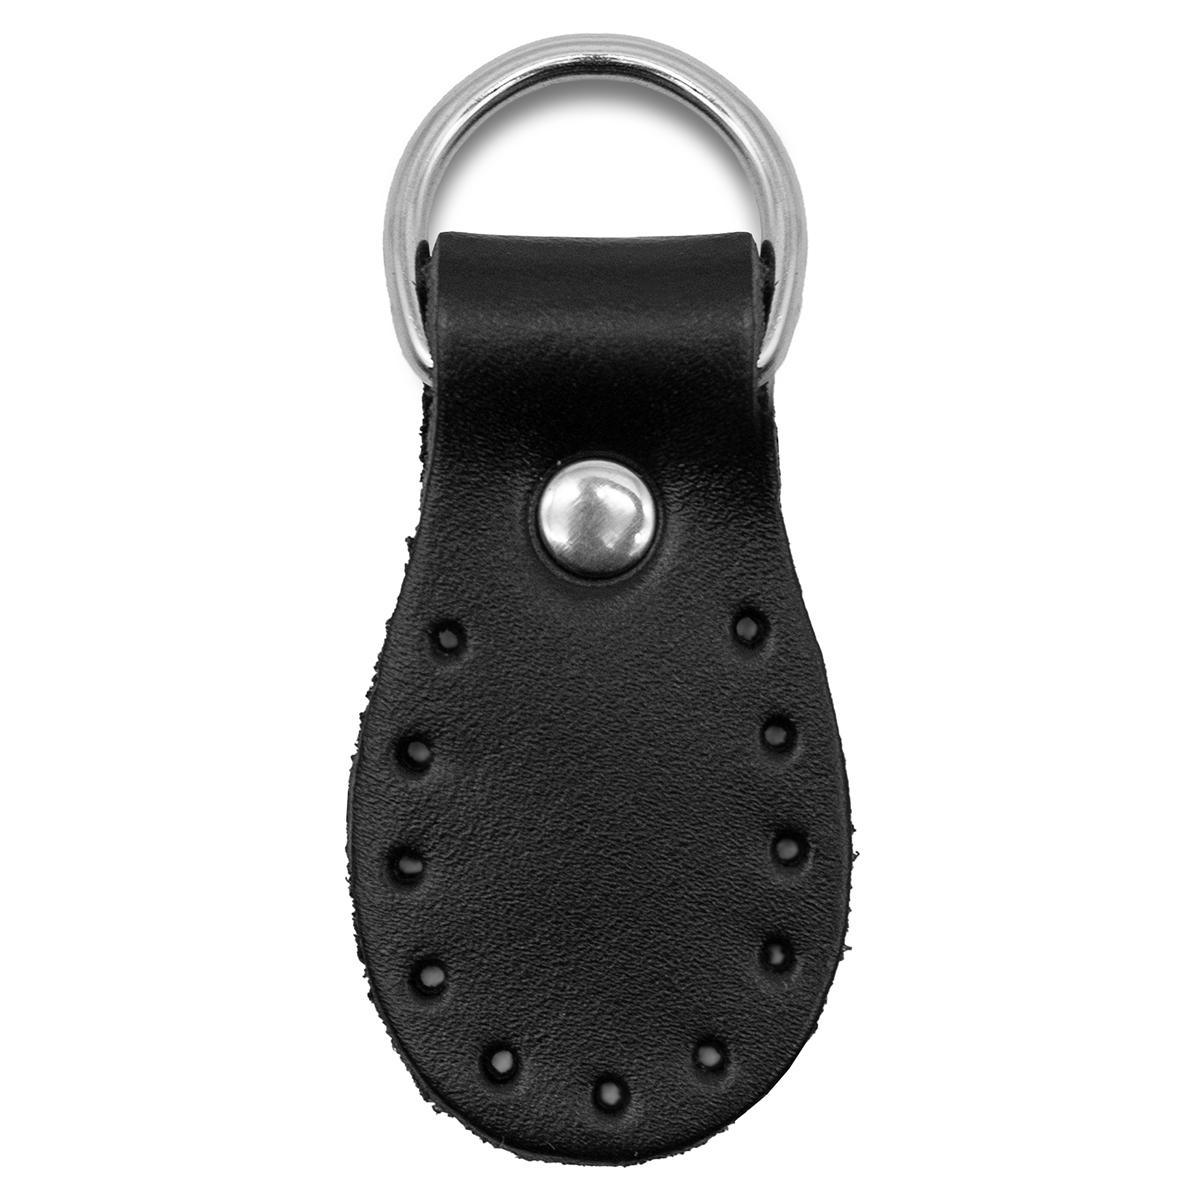 Петельки для сумки кожаные 3*5,4см , дизайн №916, 100% кожа, уп.2шт